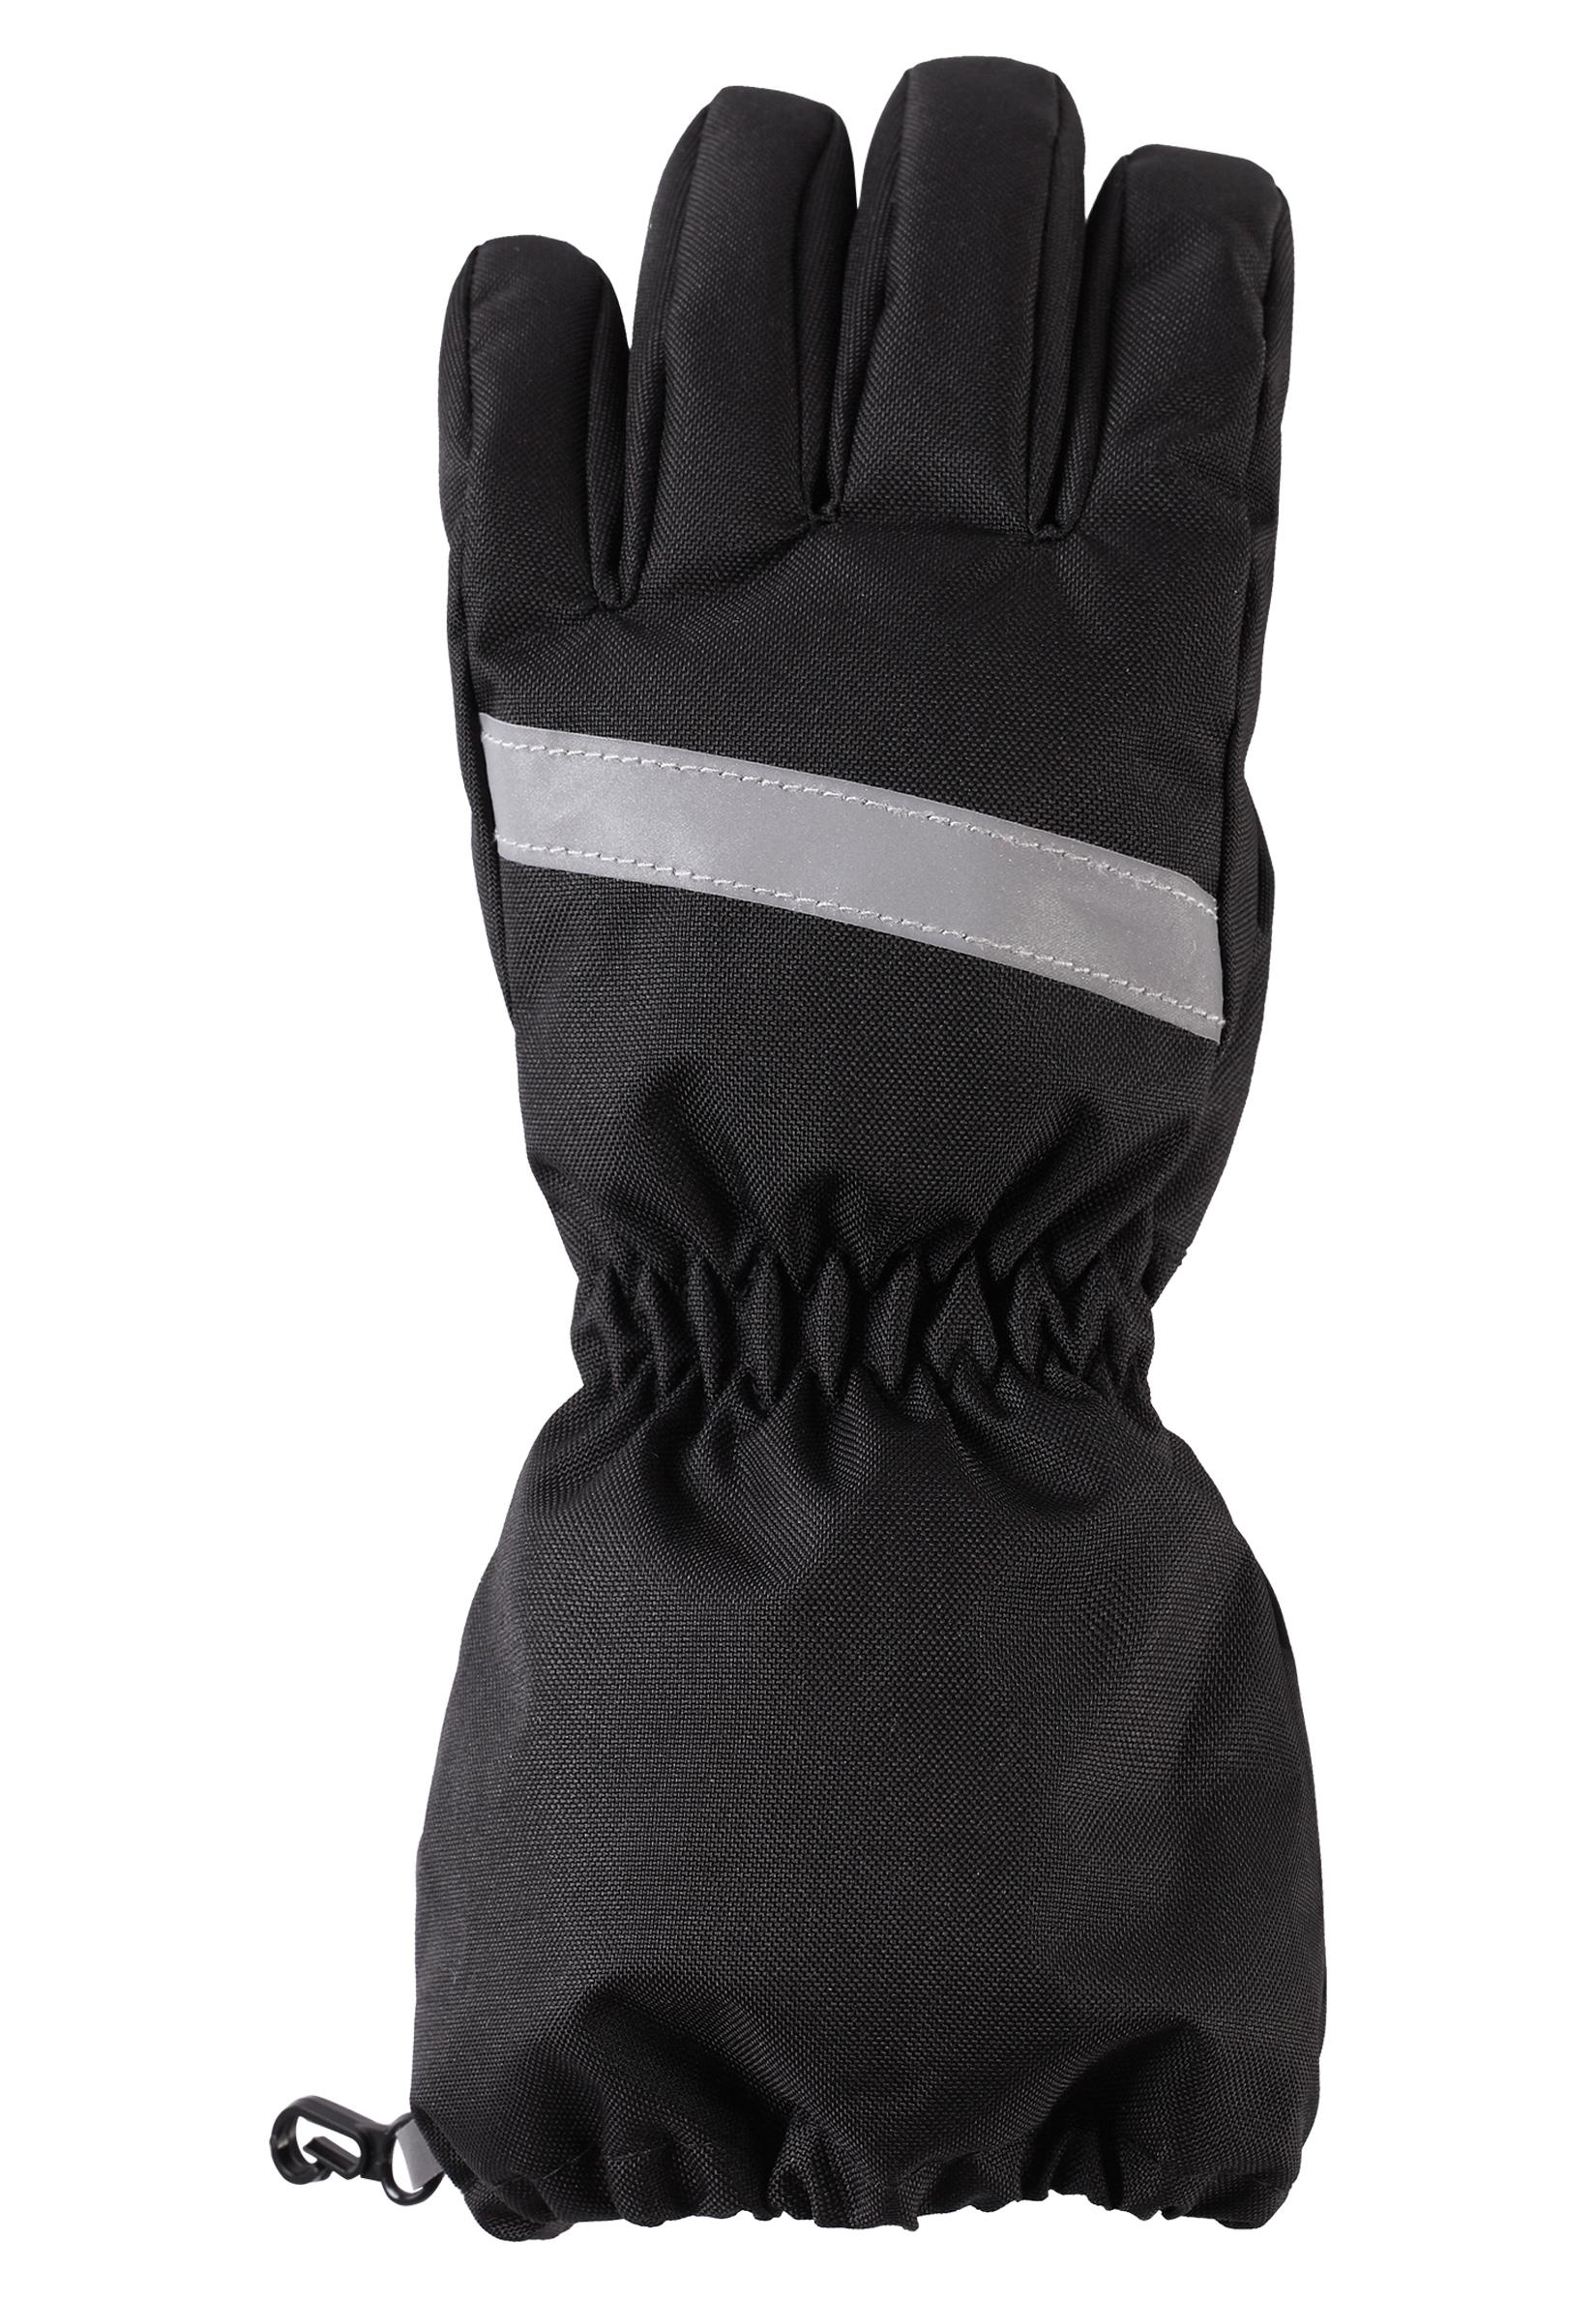 Варежки и перчатки Lassie Перчатки для мальчика Lassie черные цена 2017